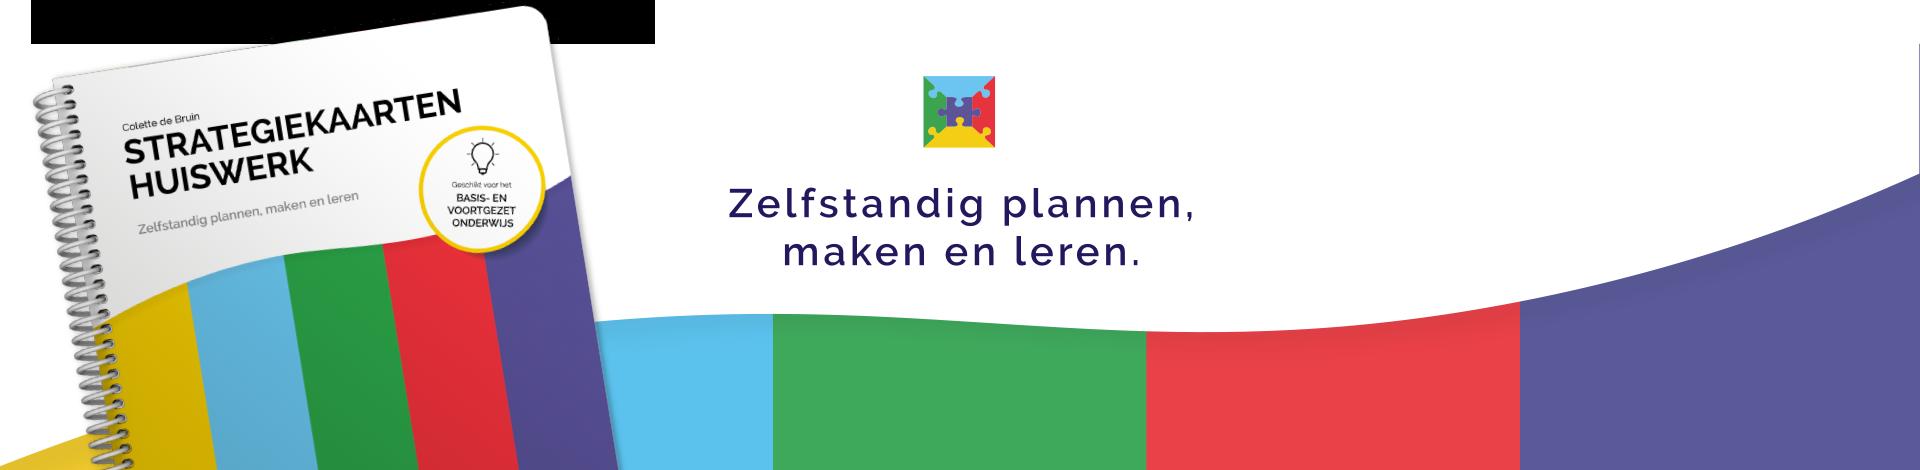 Banner Strategiekaarten huiswerk